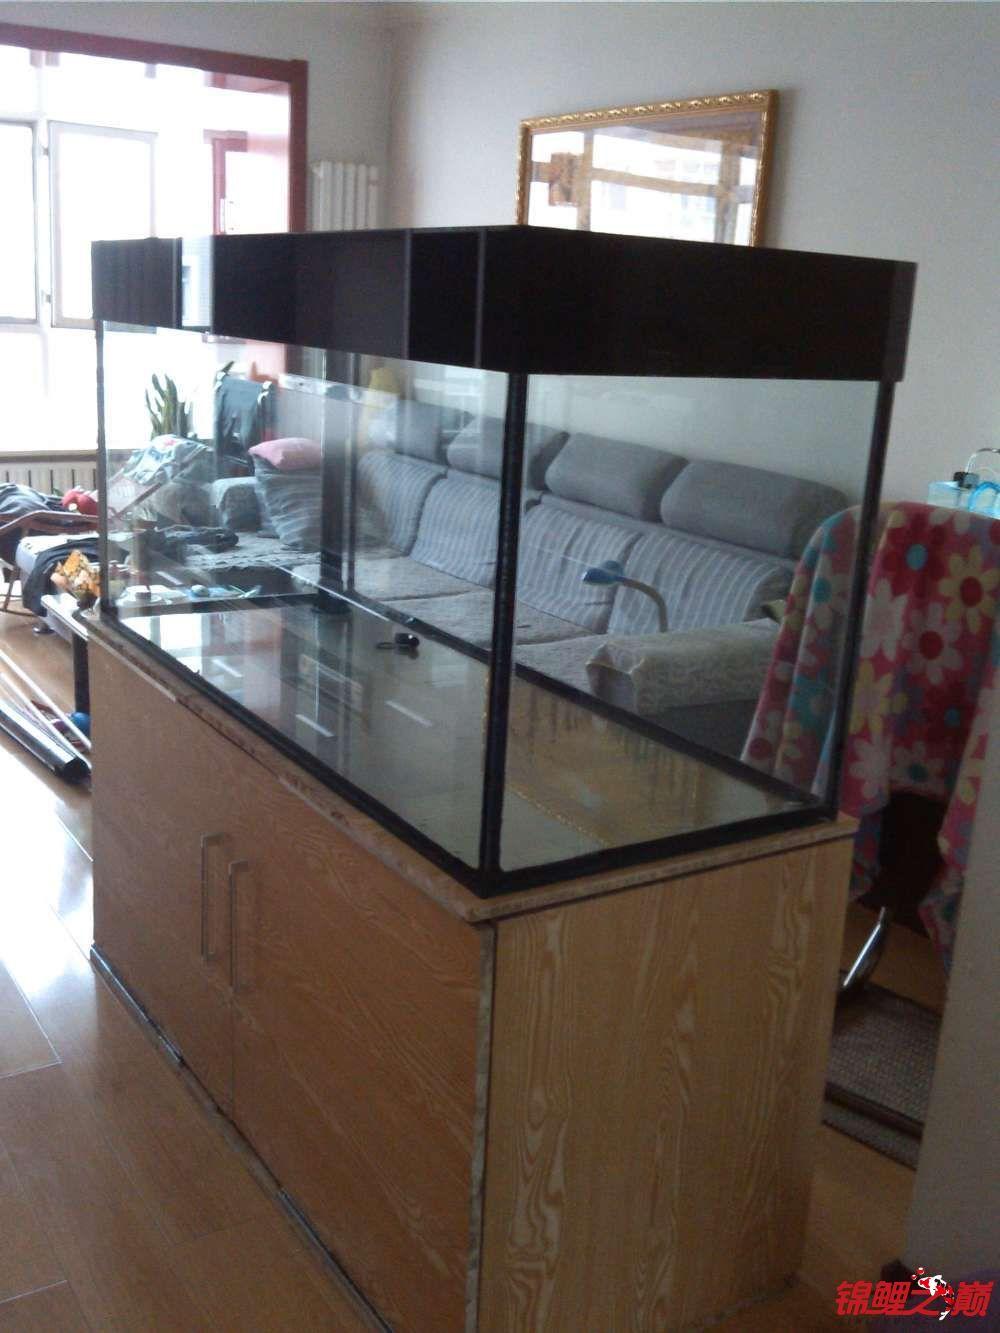 我这个缸子养锦鲤可以吗? 西安观赏鱼信息 西安博特第1张